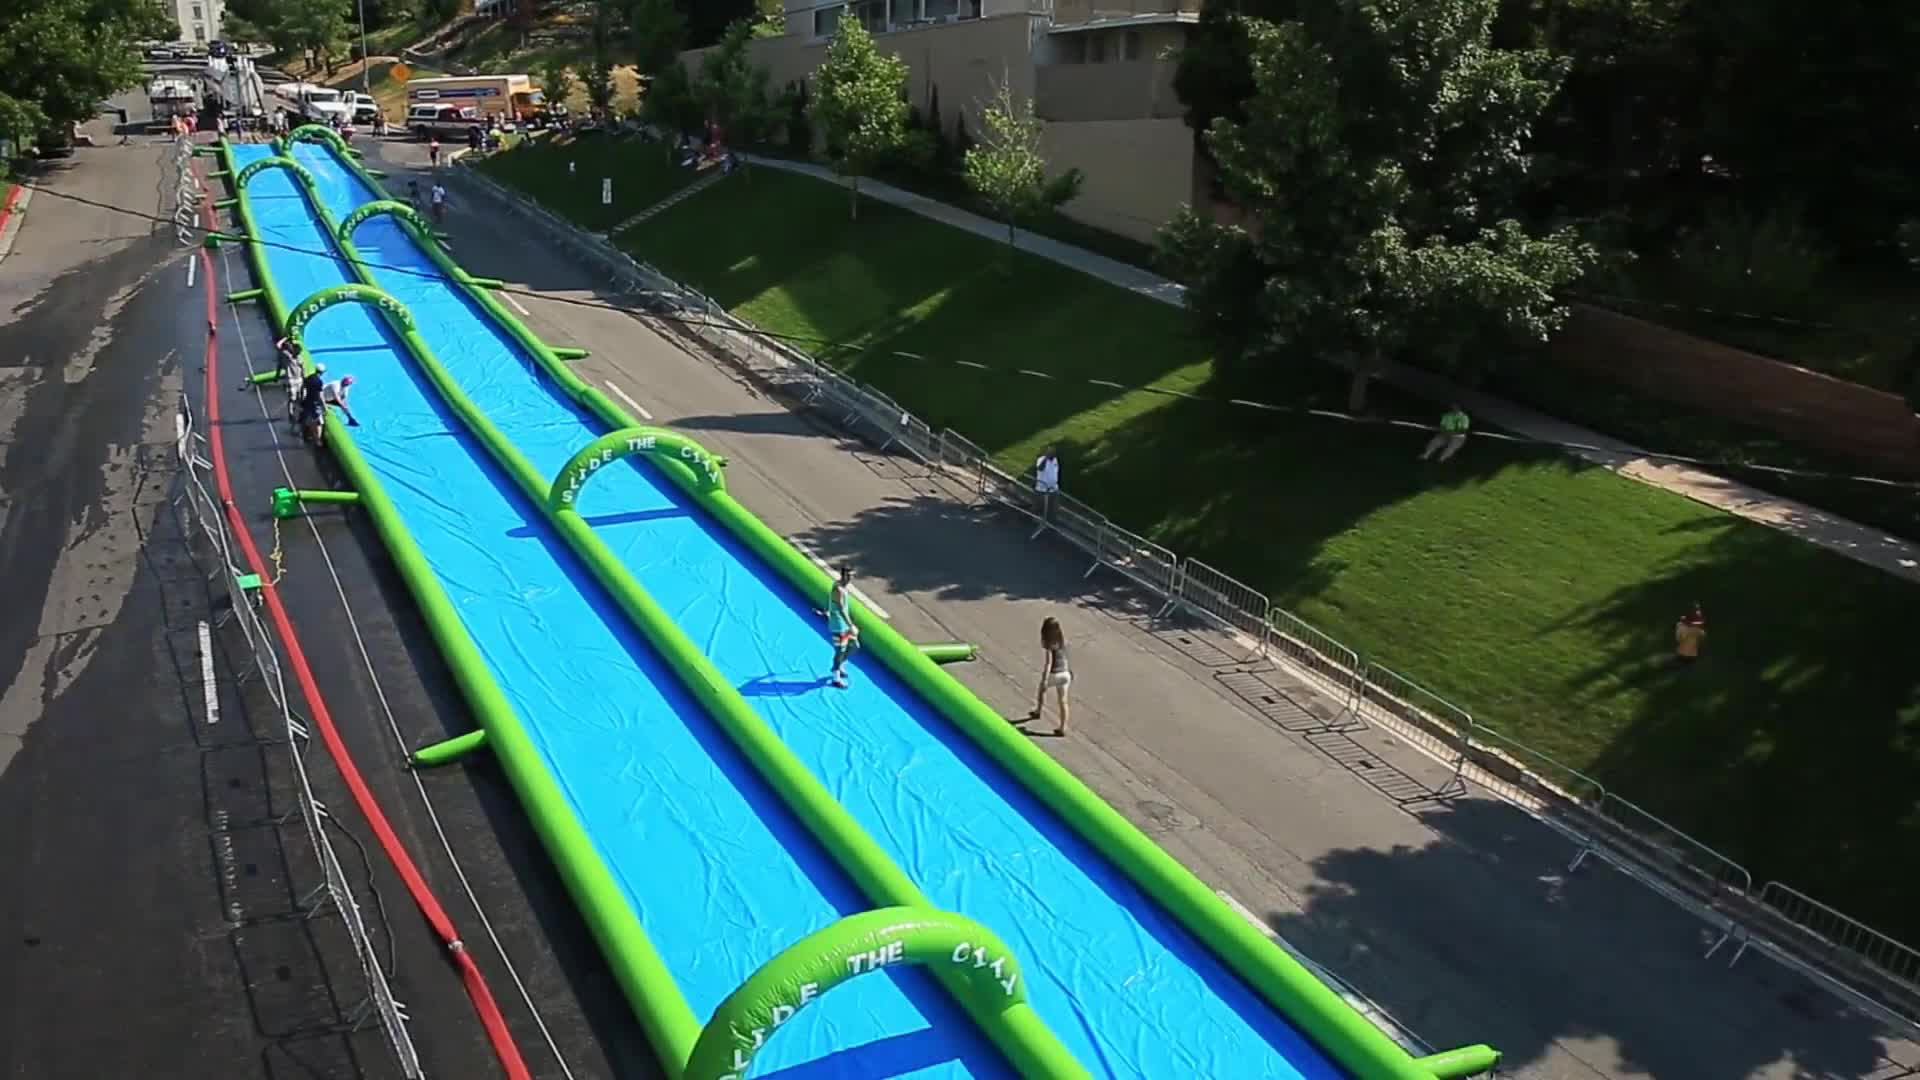 מותאם אישית לנד כיף מתנפח מים שקופיות עיר עבור העיר